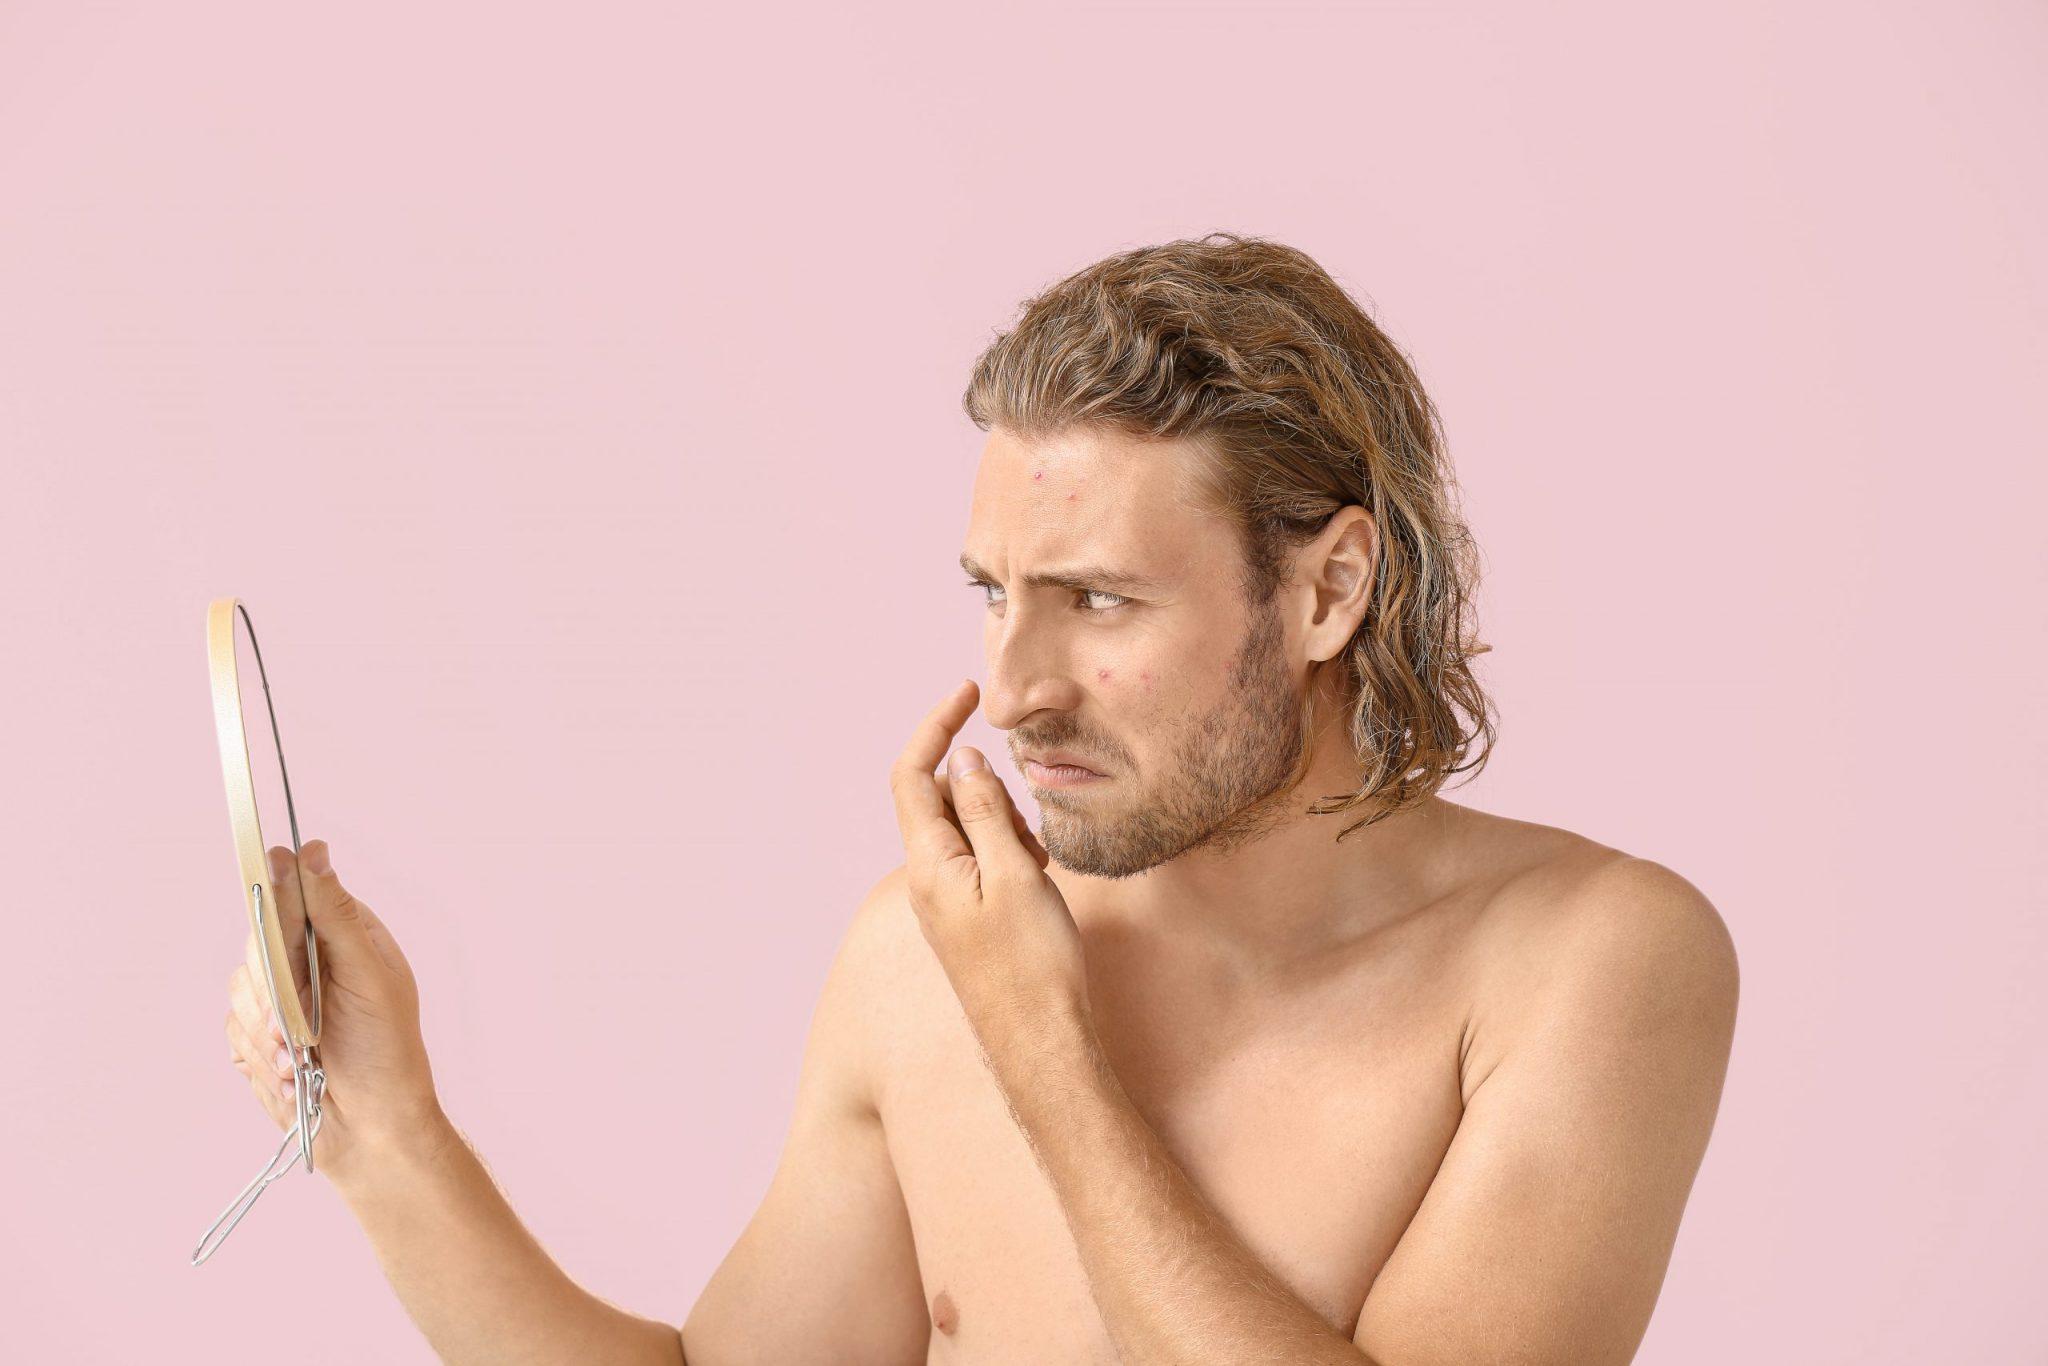 暗瘡懶人包-暗瘡5大原因及治療方法 (1)